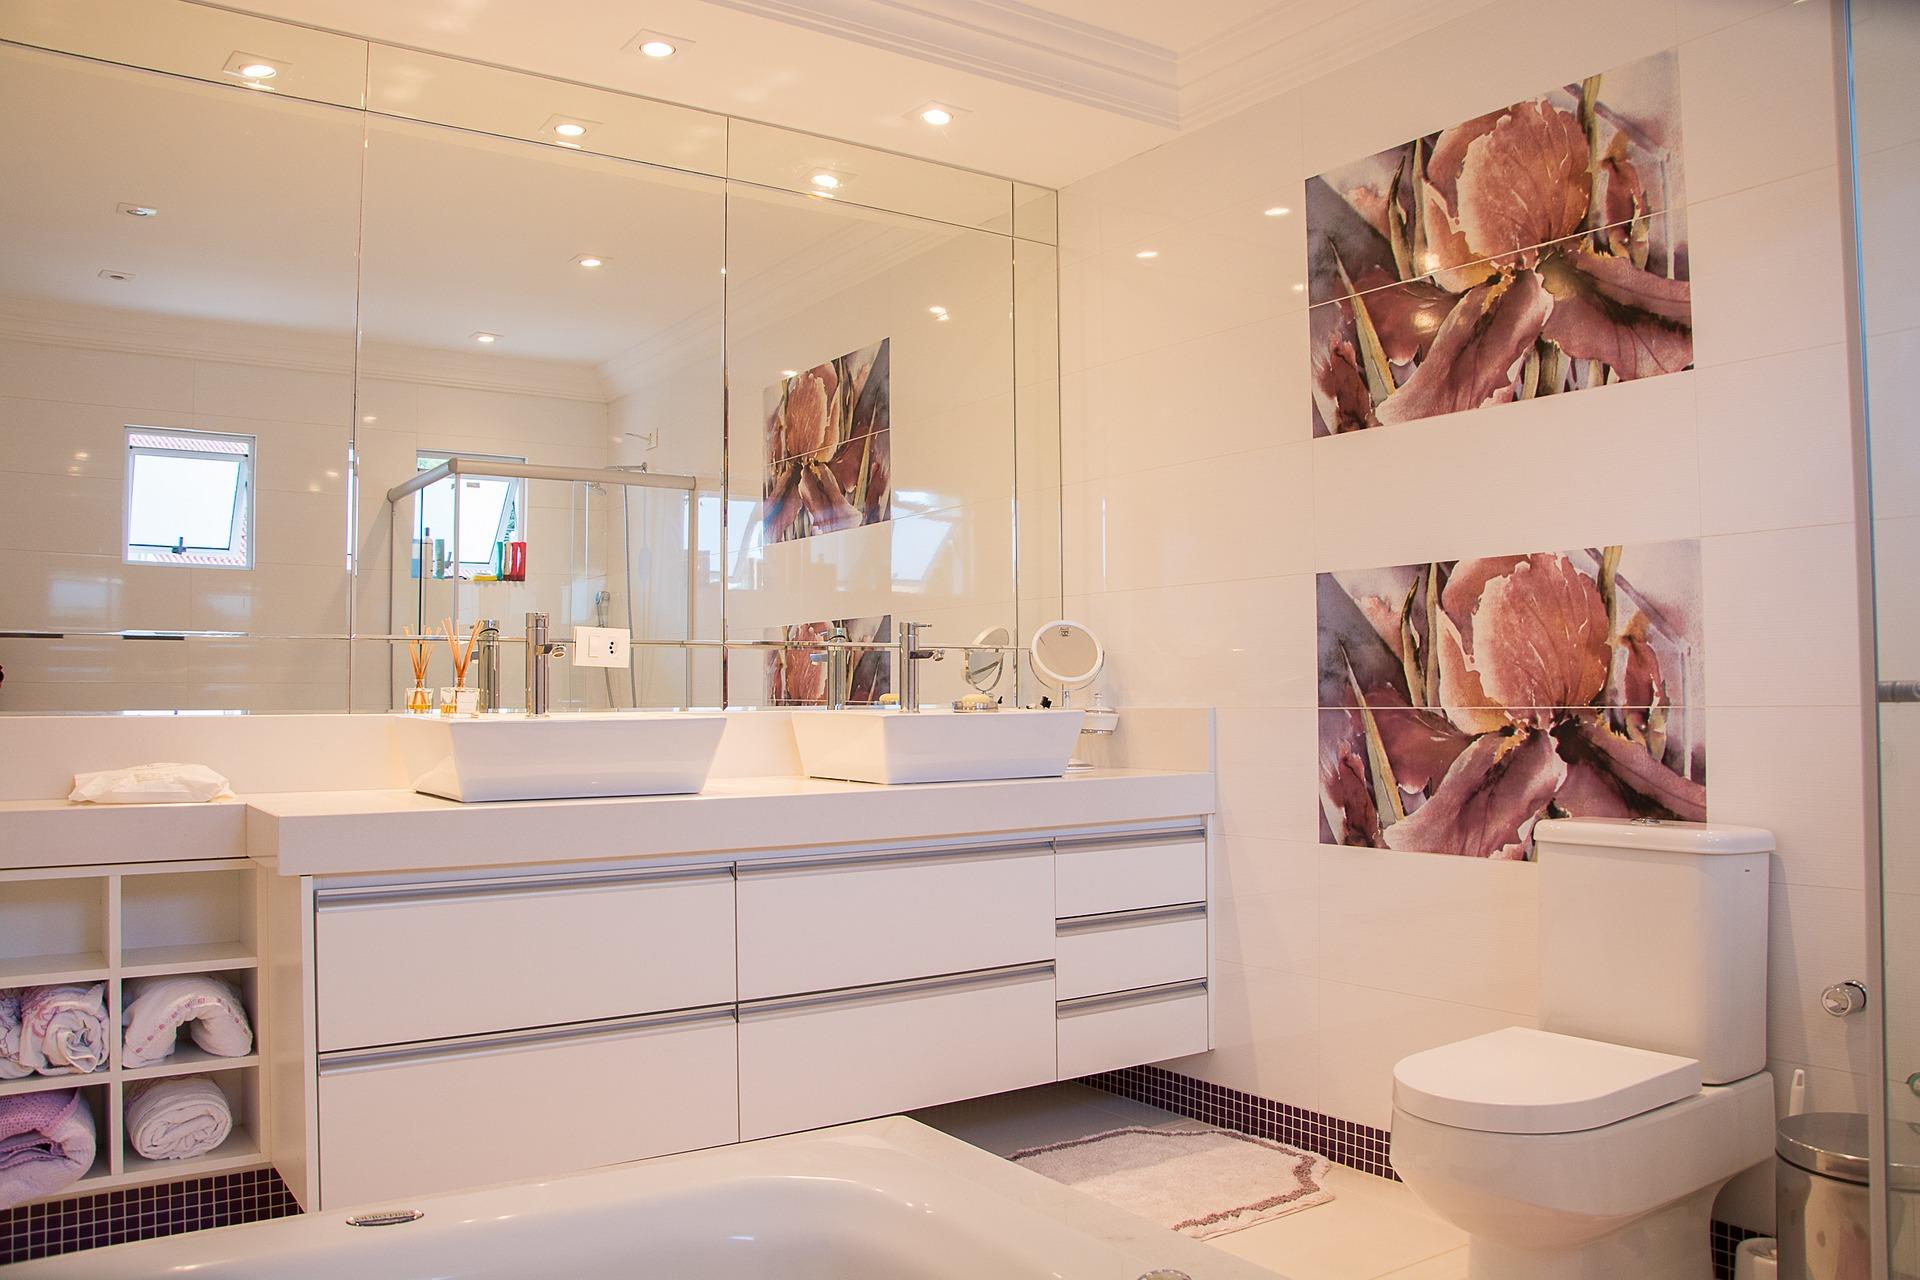 Einrichten mit Spiegel aus der Feng-Shui-Perspektive - Immobilien